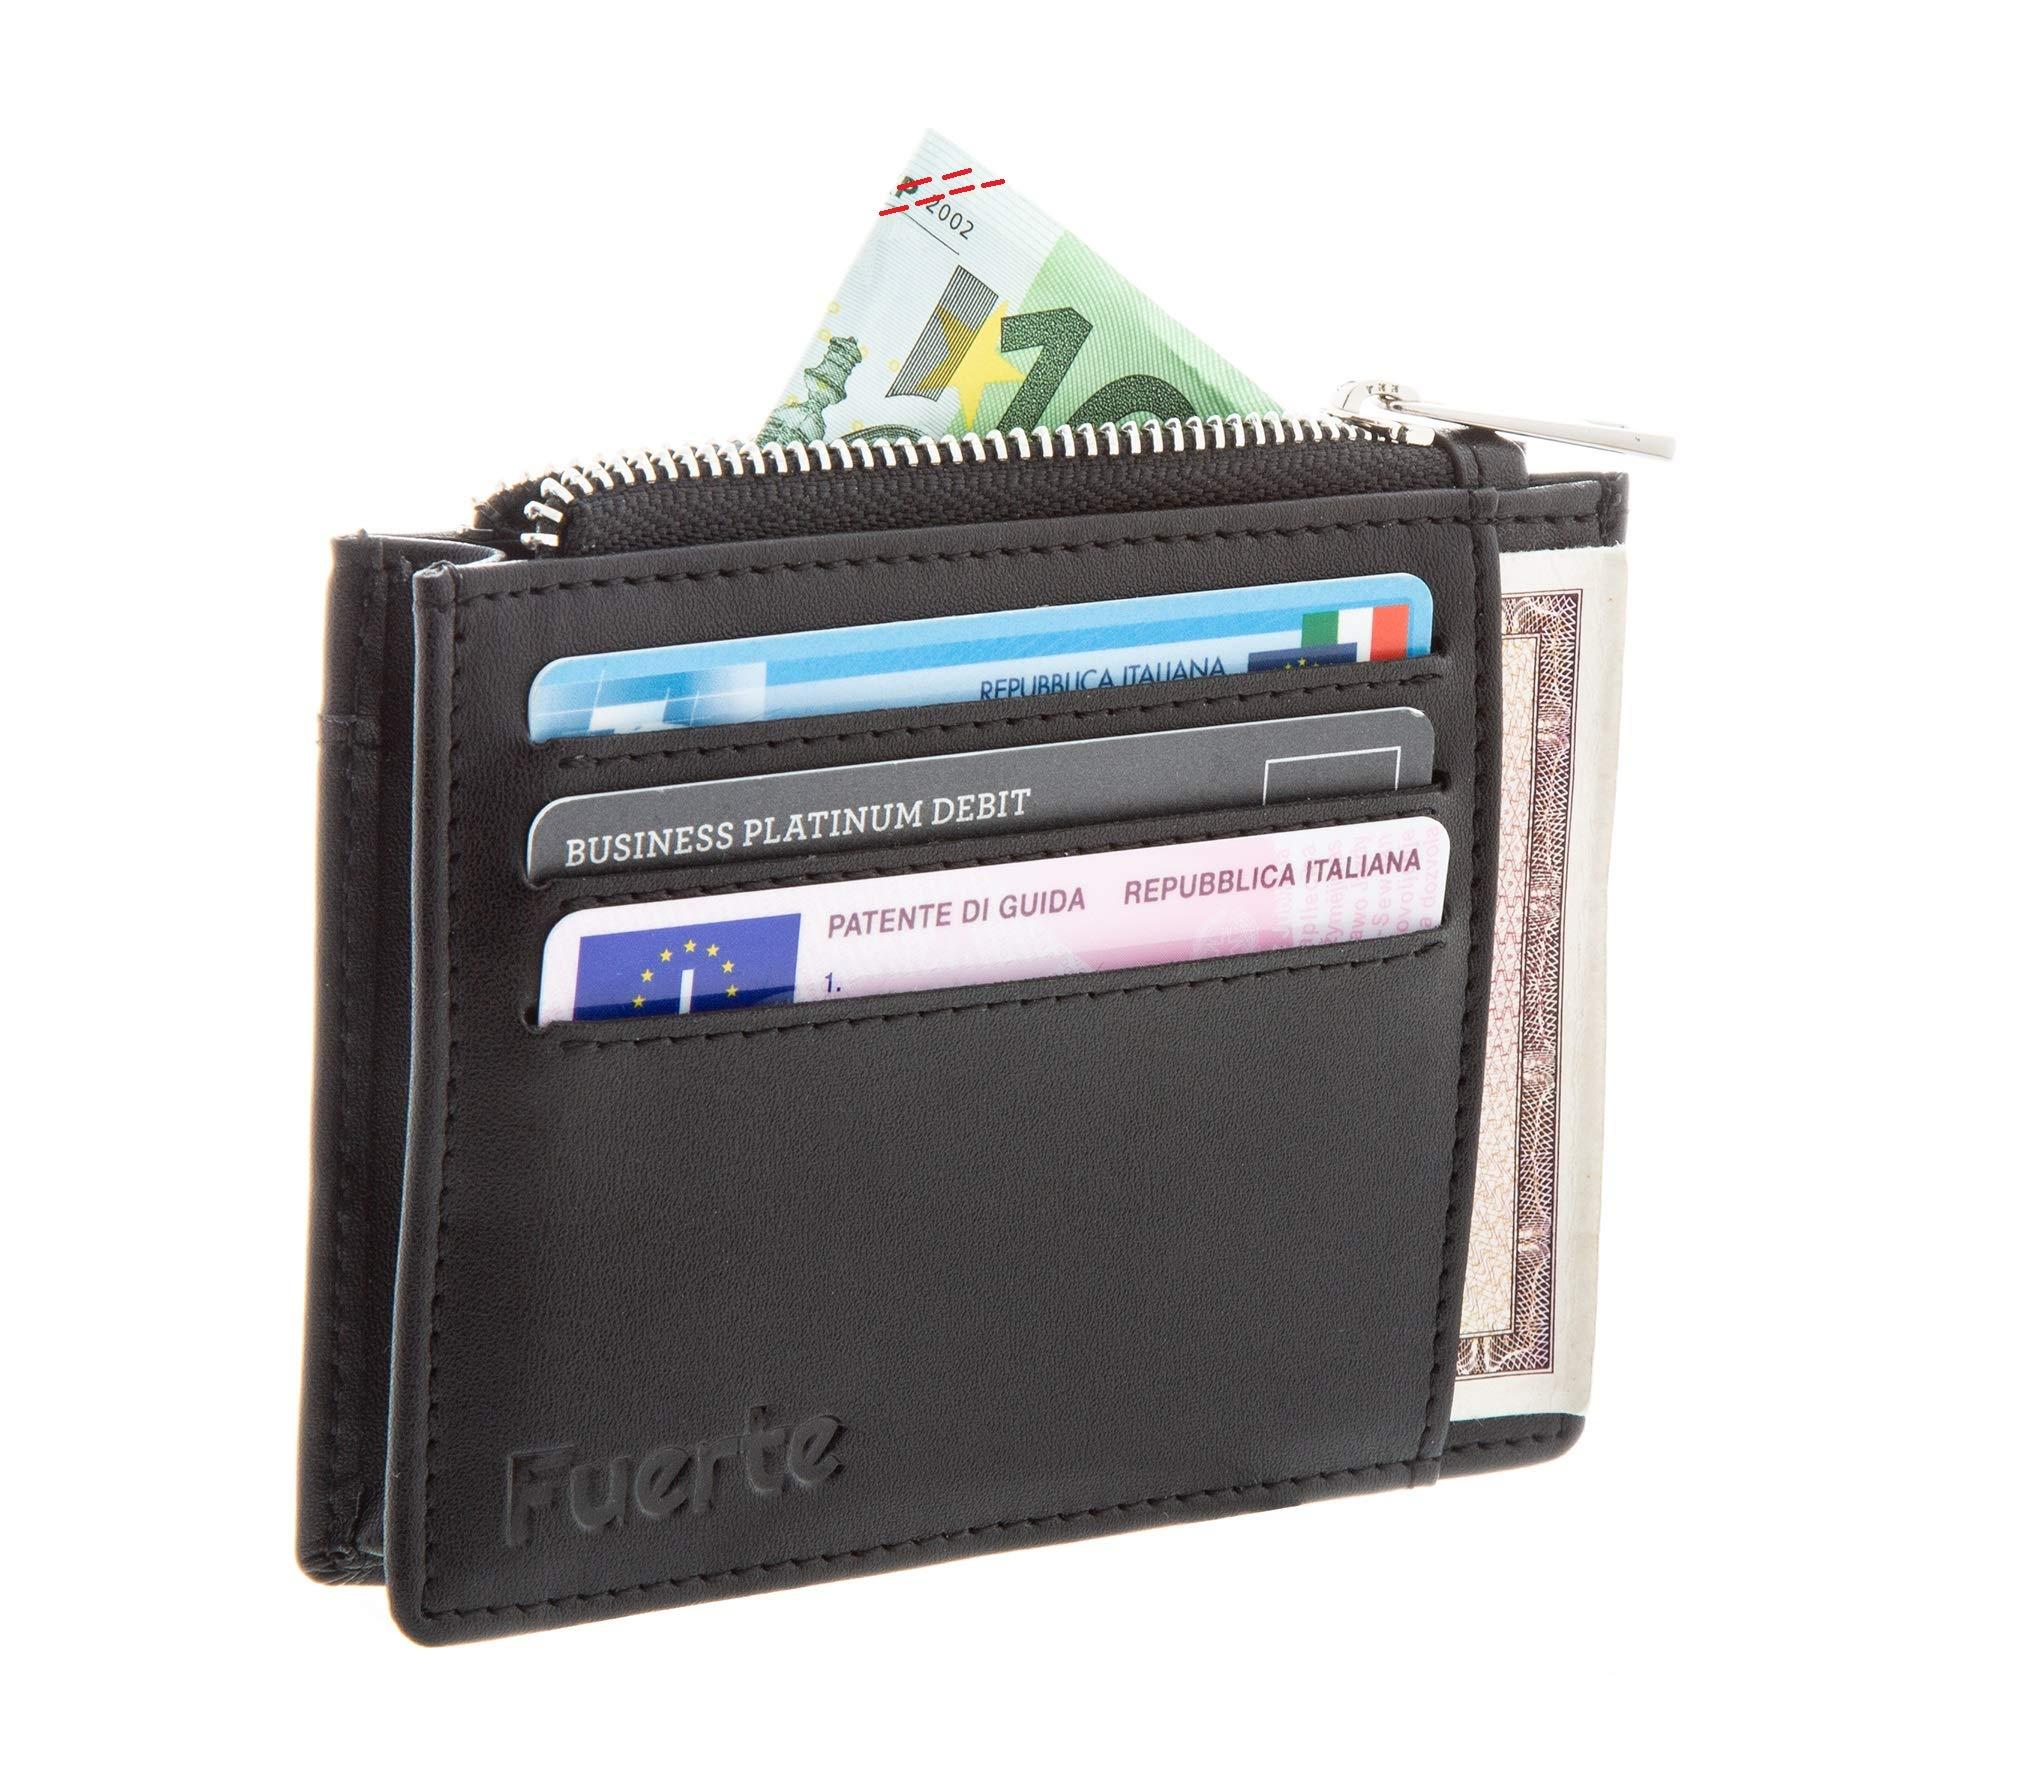 298fd684a3 Portafoglio, FUERTE CARD, Porta Carte di Credito con Protezione Rfid ...